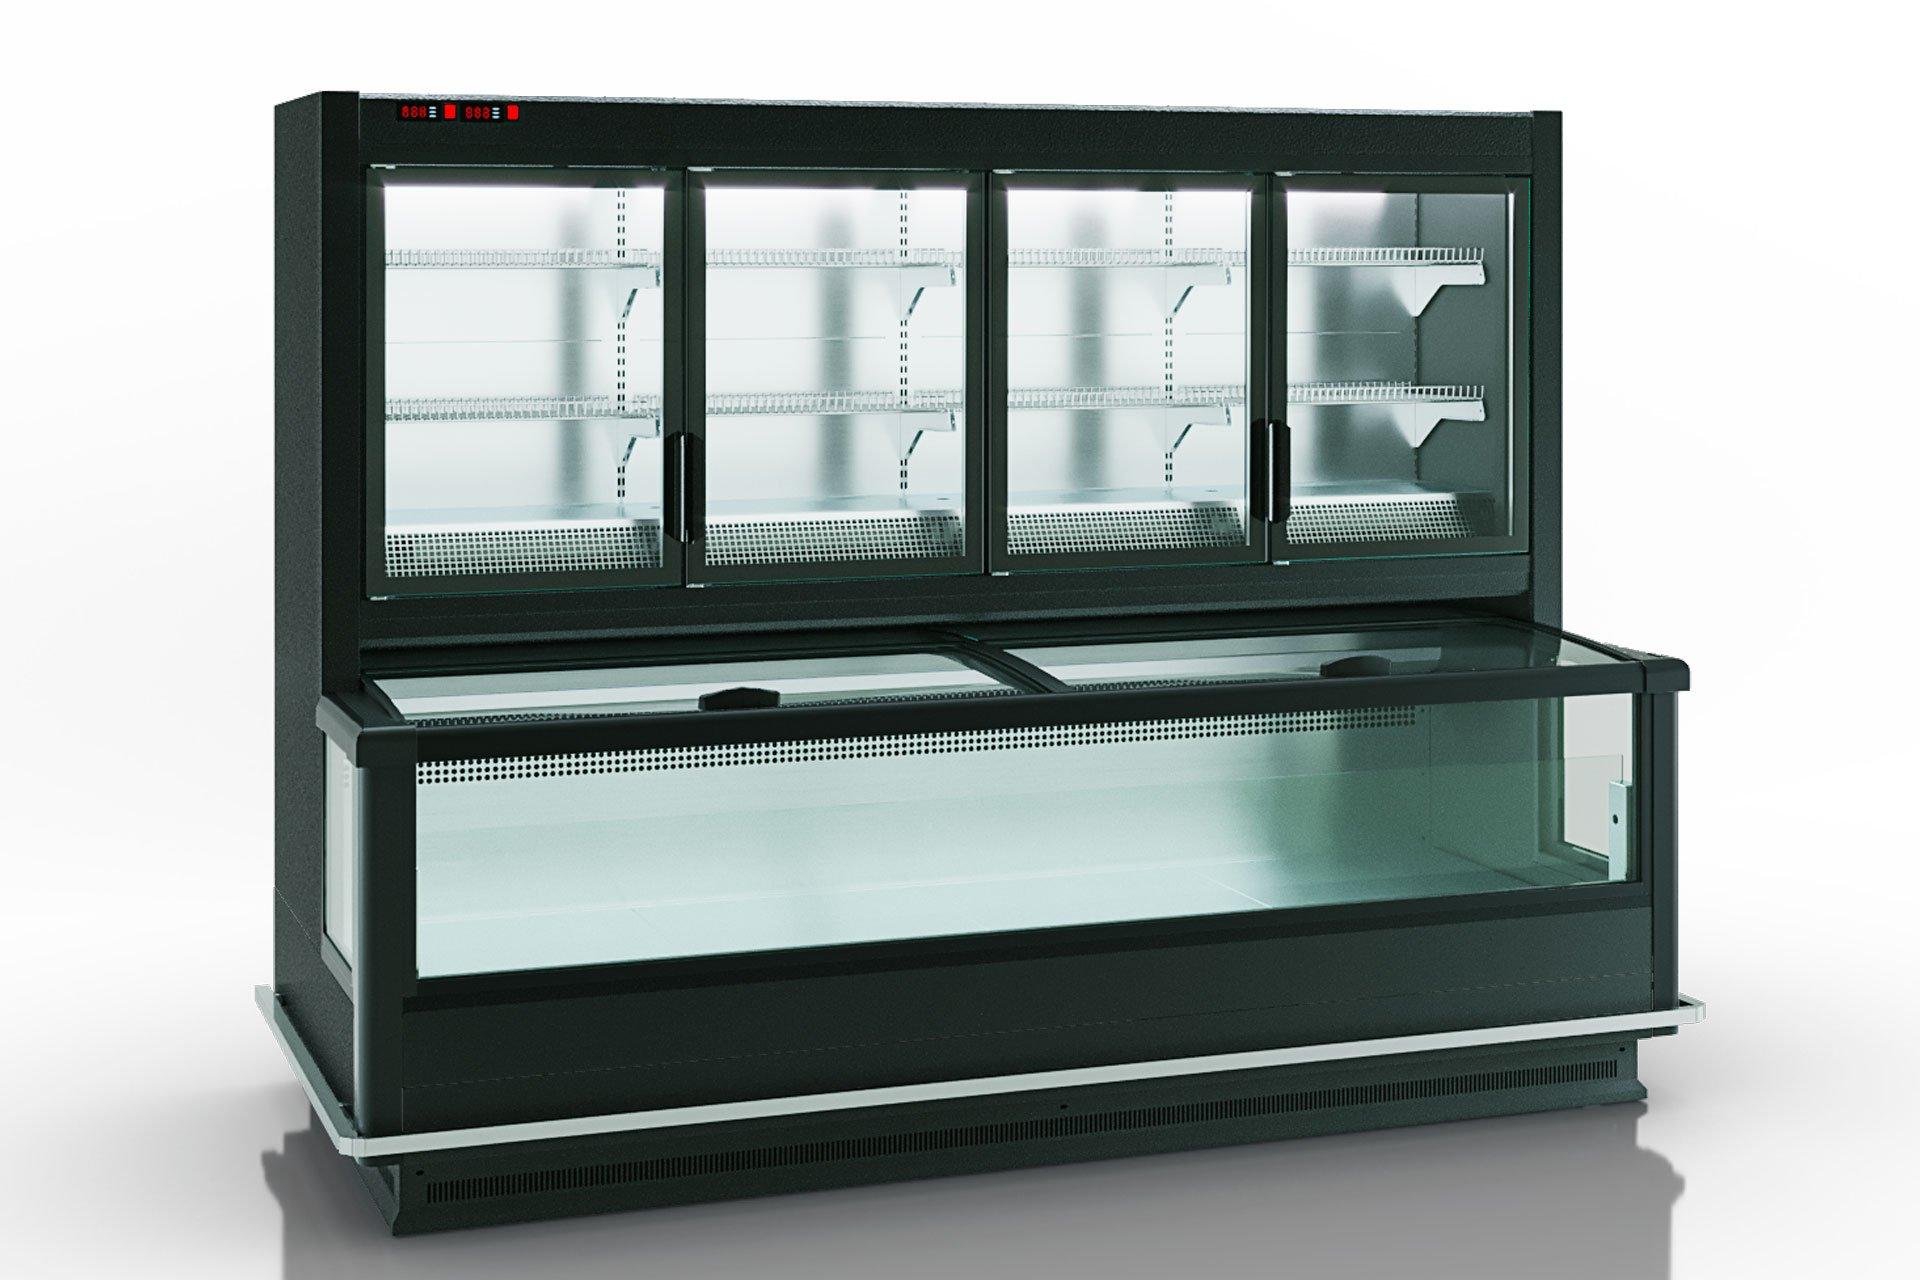 Витрина для замороженных продуктов Alaska combi 2 MD MHV 110 LT D/C 200-DLM